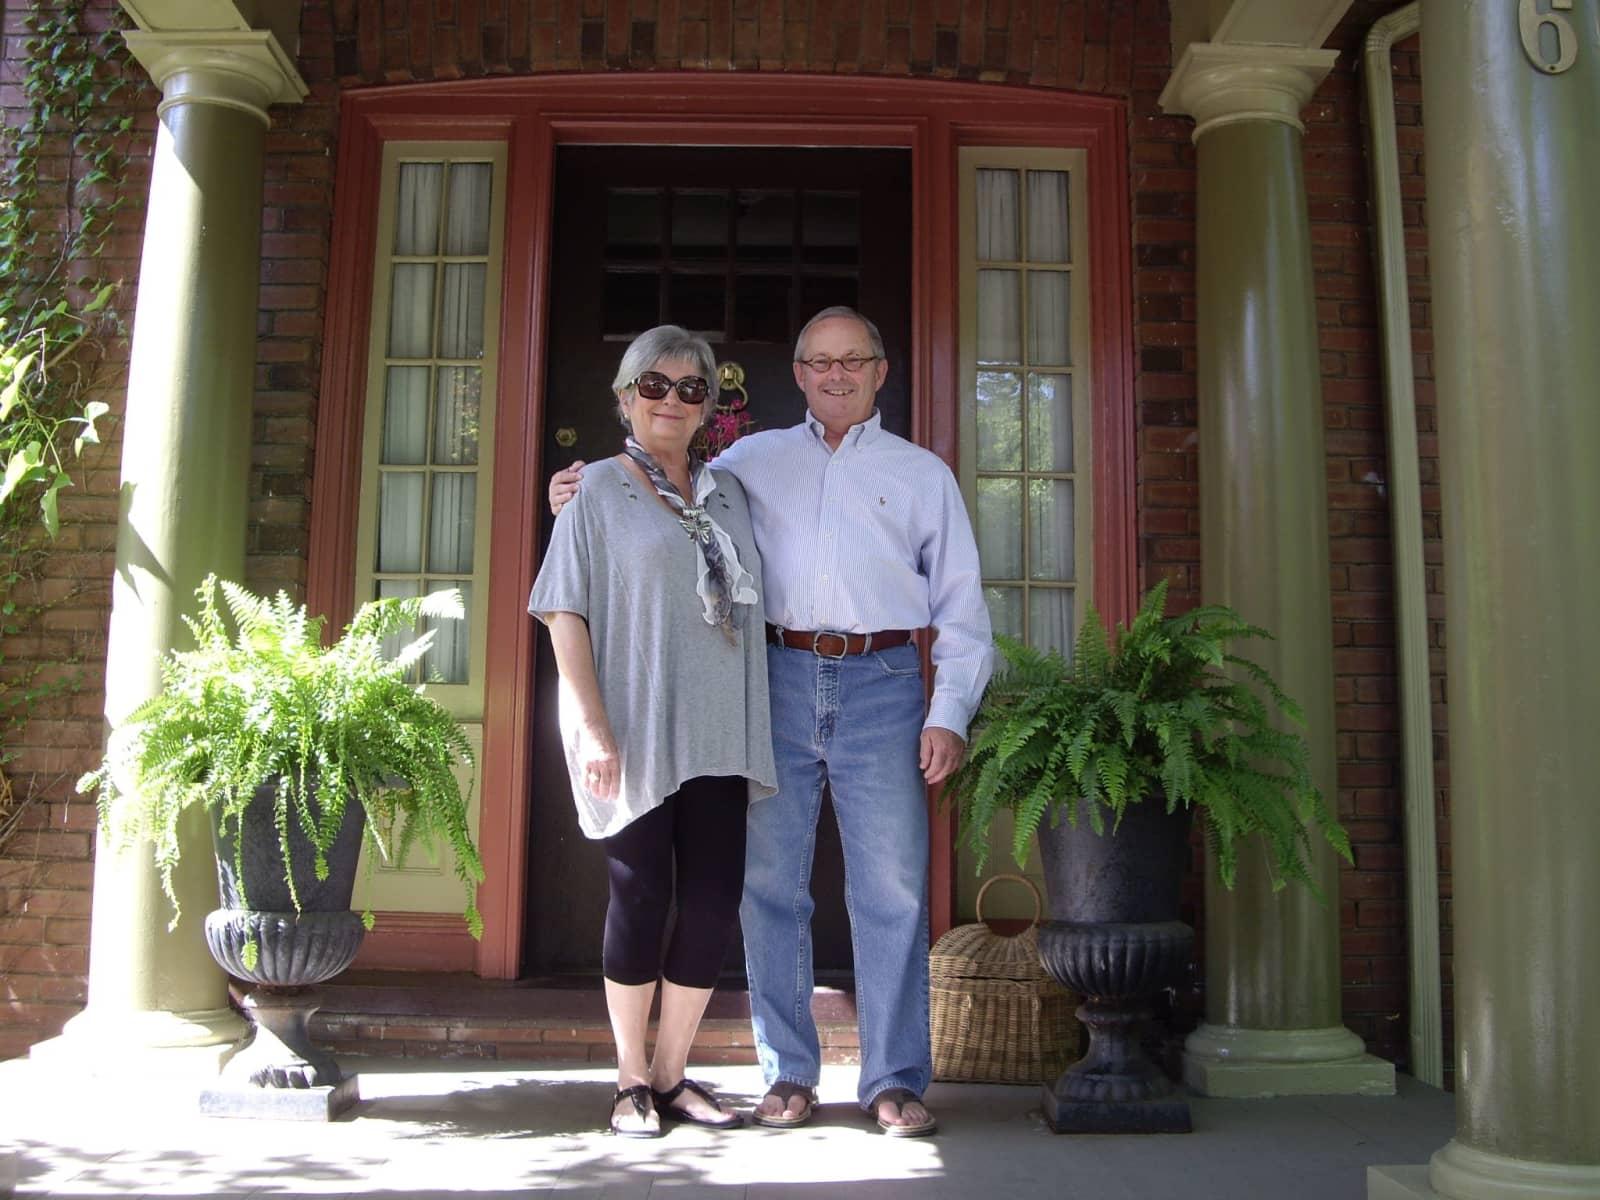 Mary & Rick from St. Catharines, Ontario, Canada